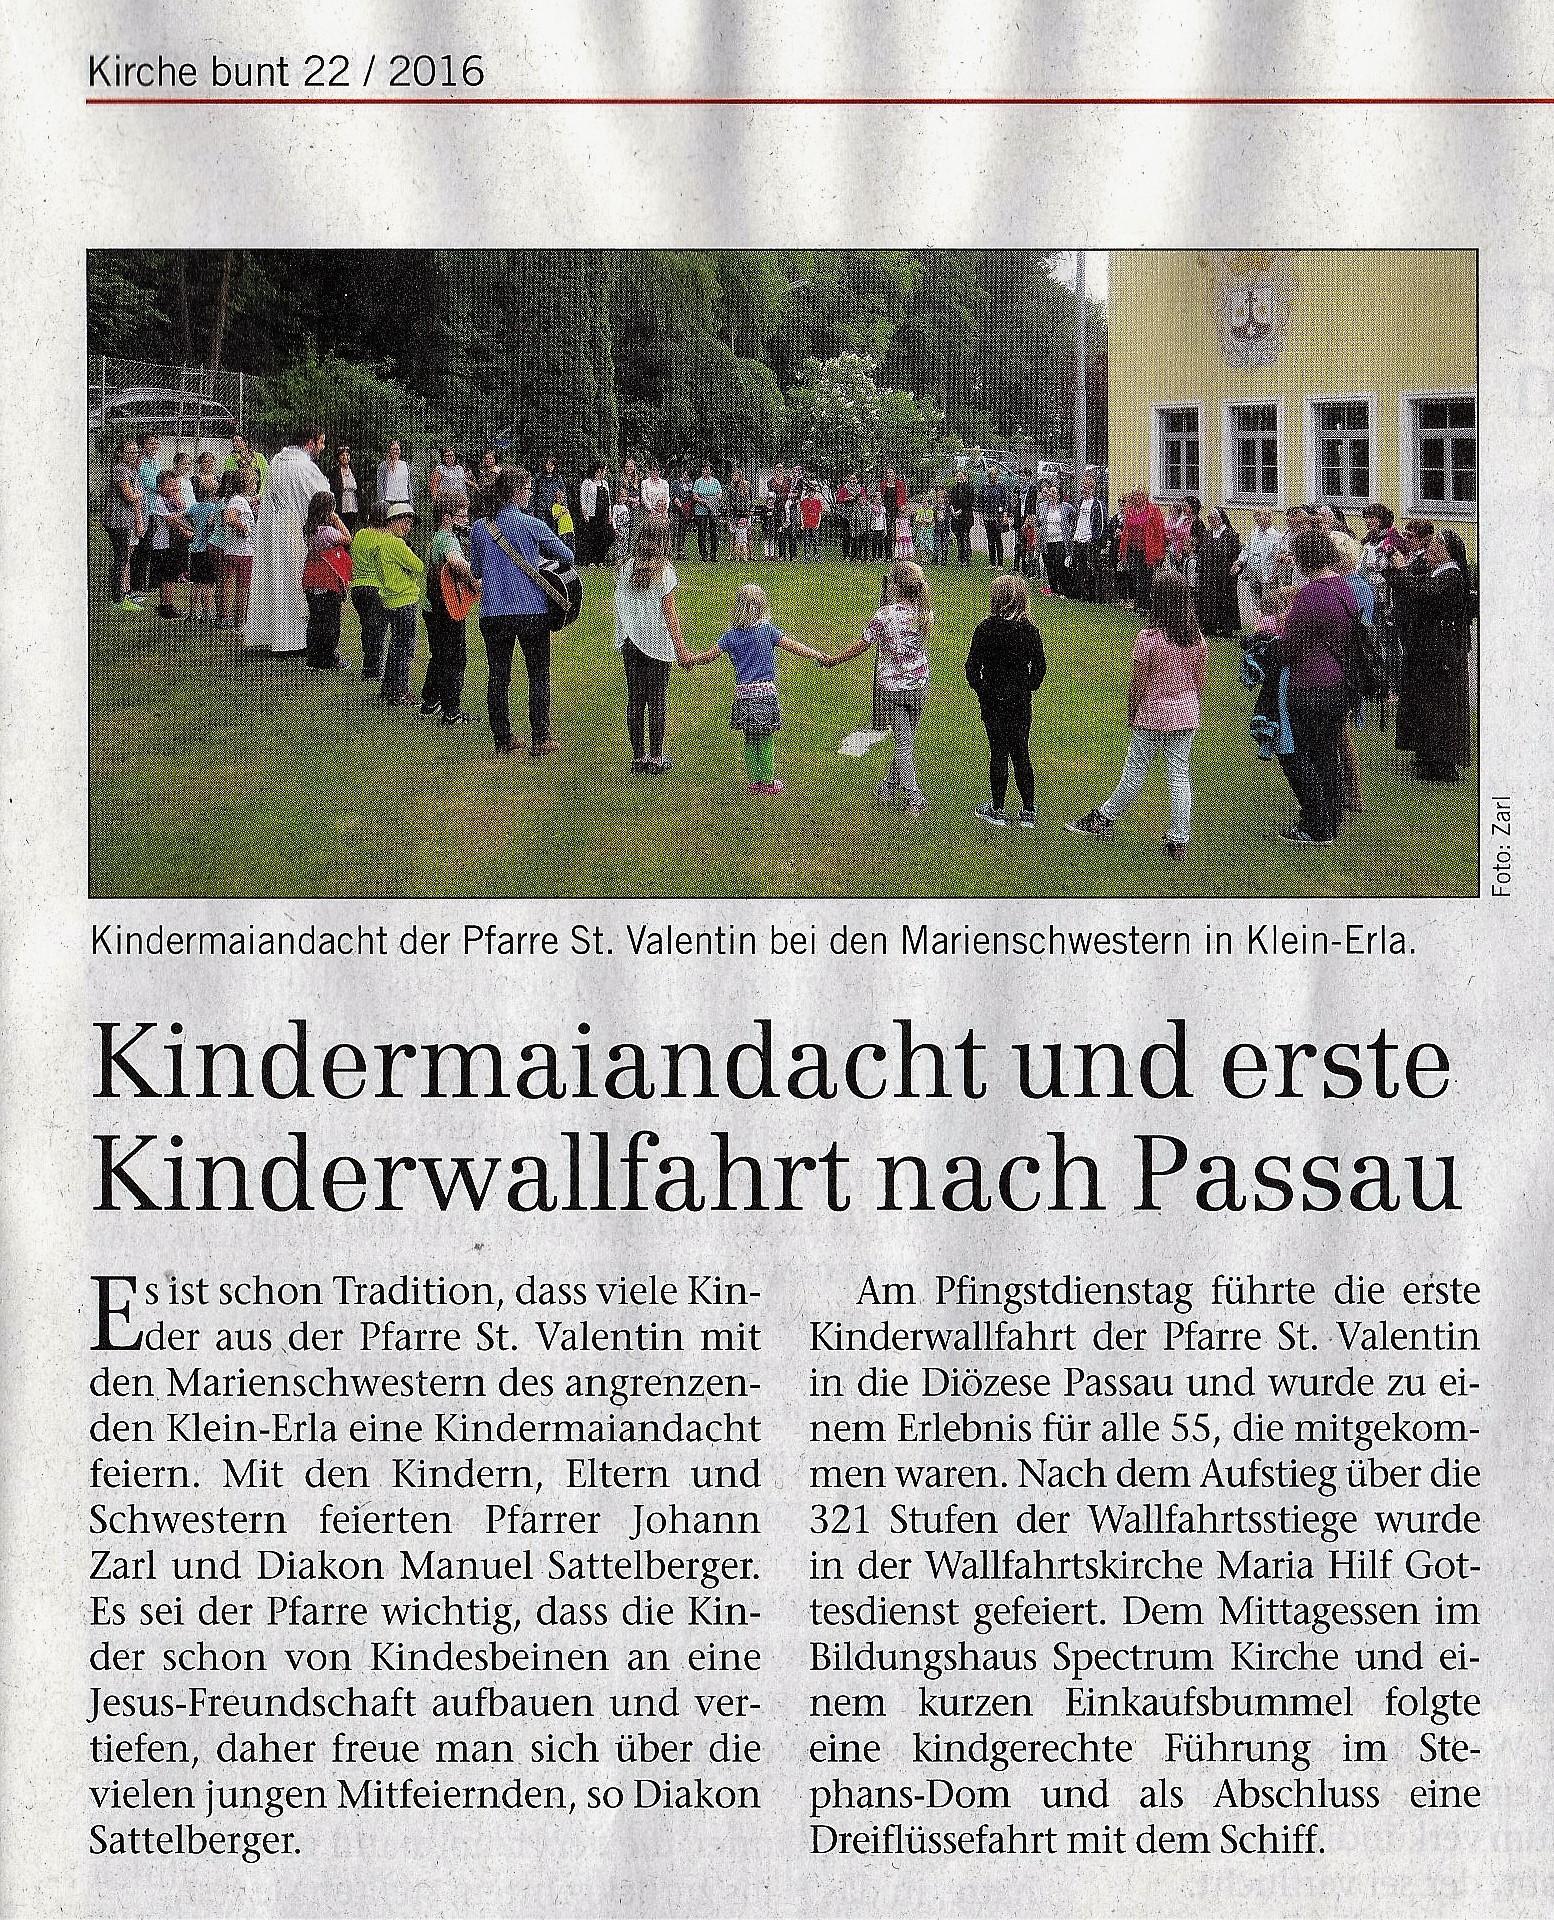 KinderwallfahrtKircheBunt2016